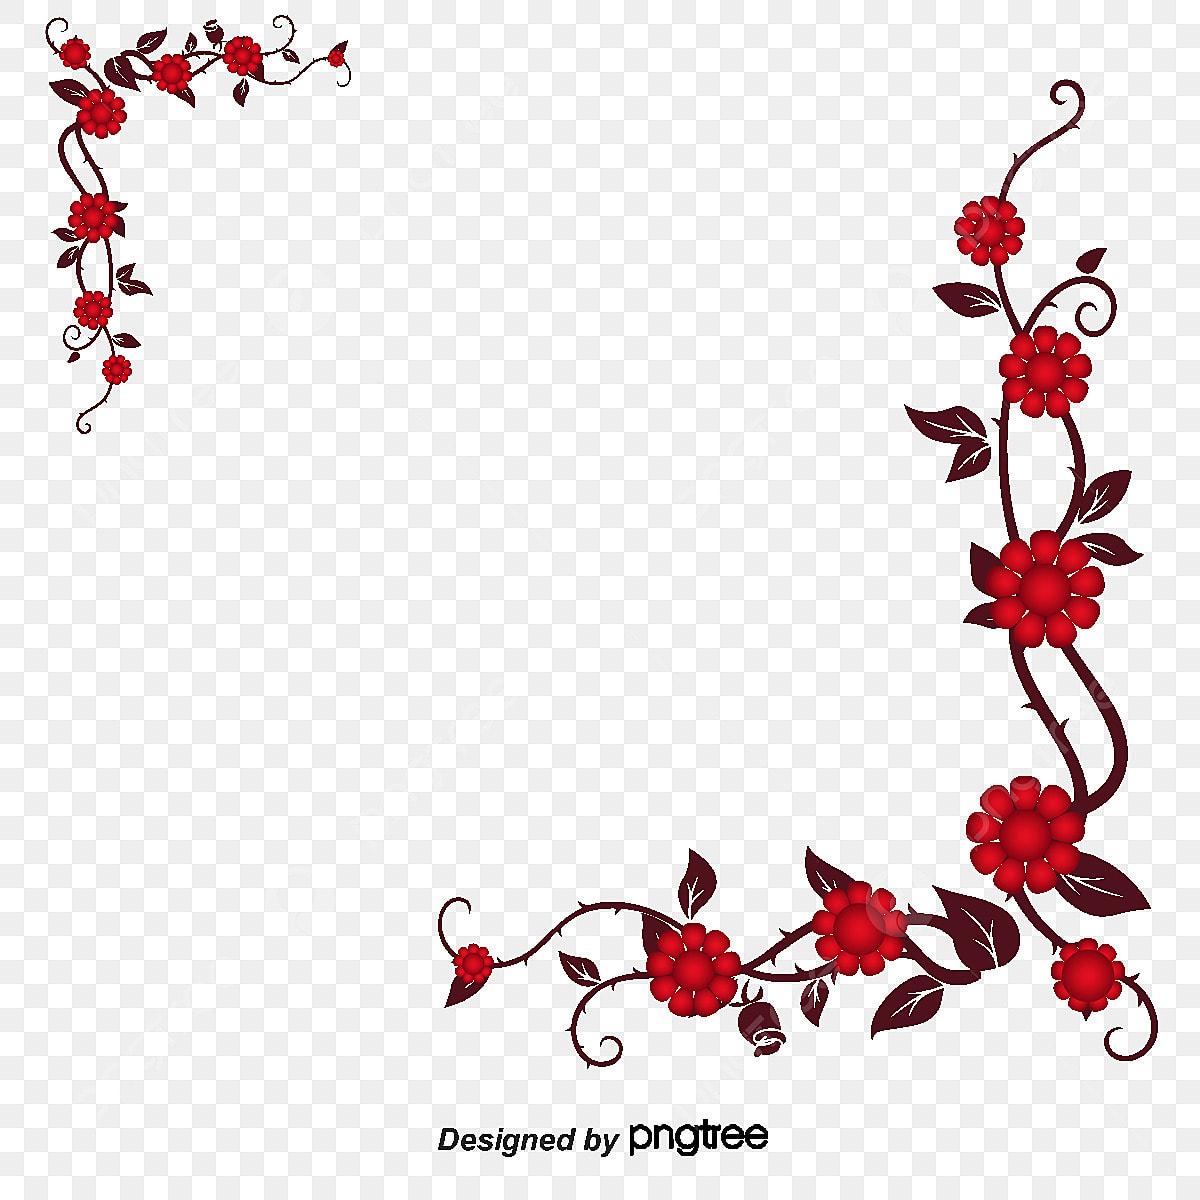 gambar vektor bunga png vektor psd dan clipart dengan latar belakang transparan untuk download gratis pngtree https id pngtree com freepng vector flowers flowers 1062983 html